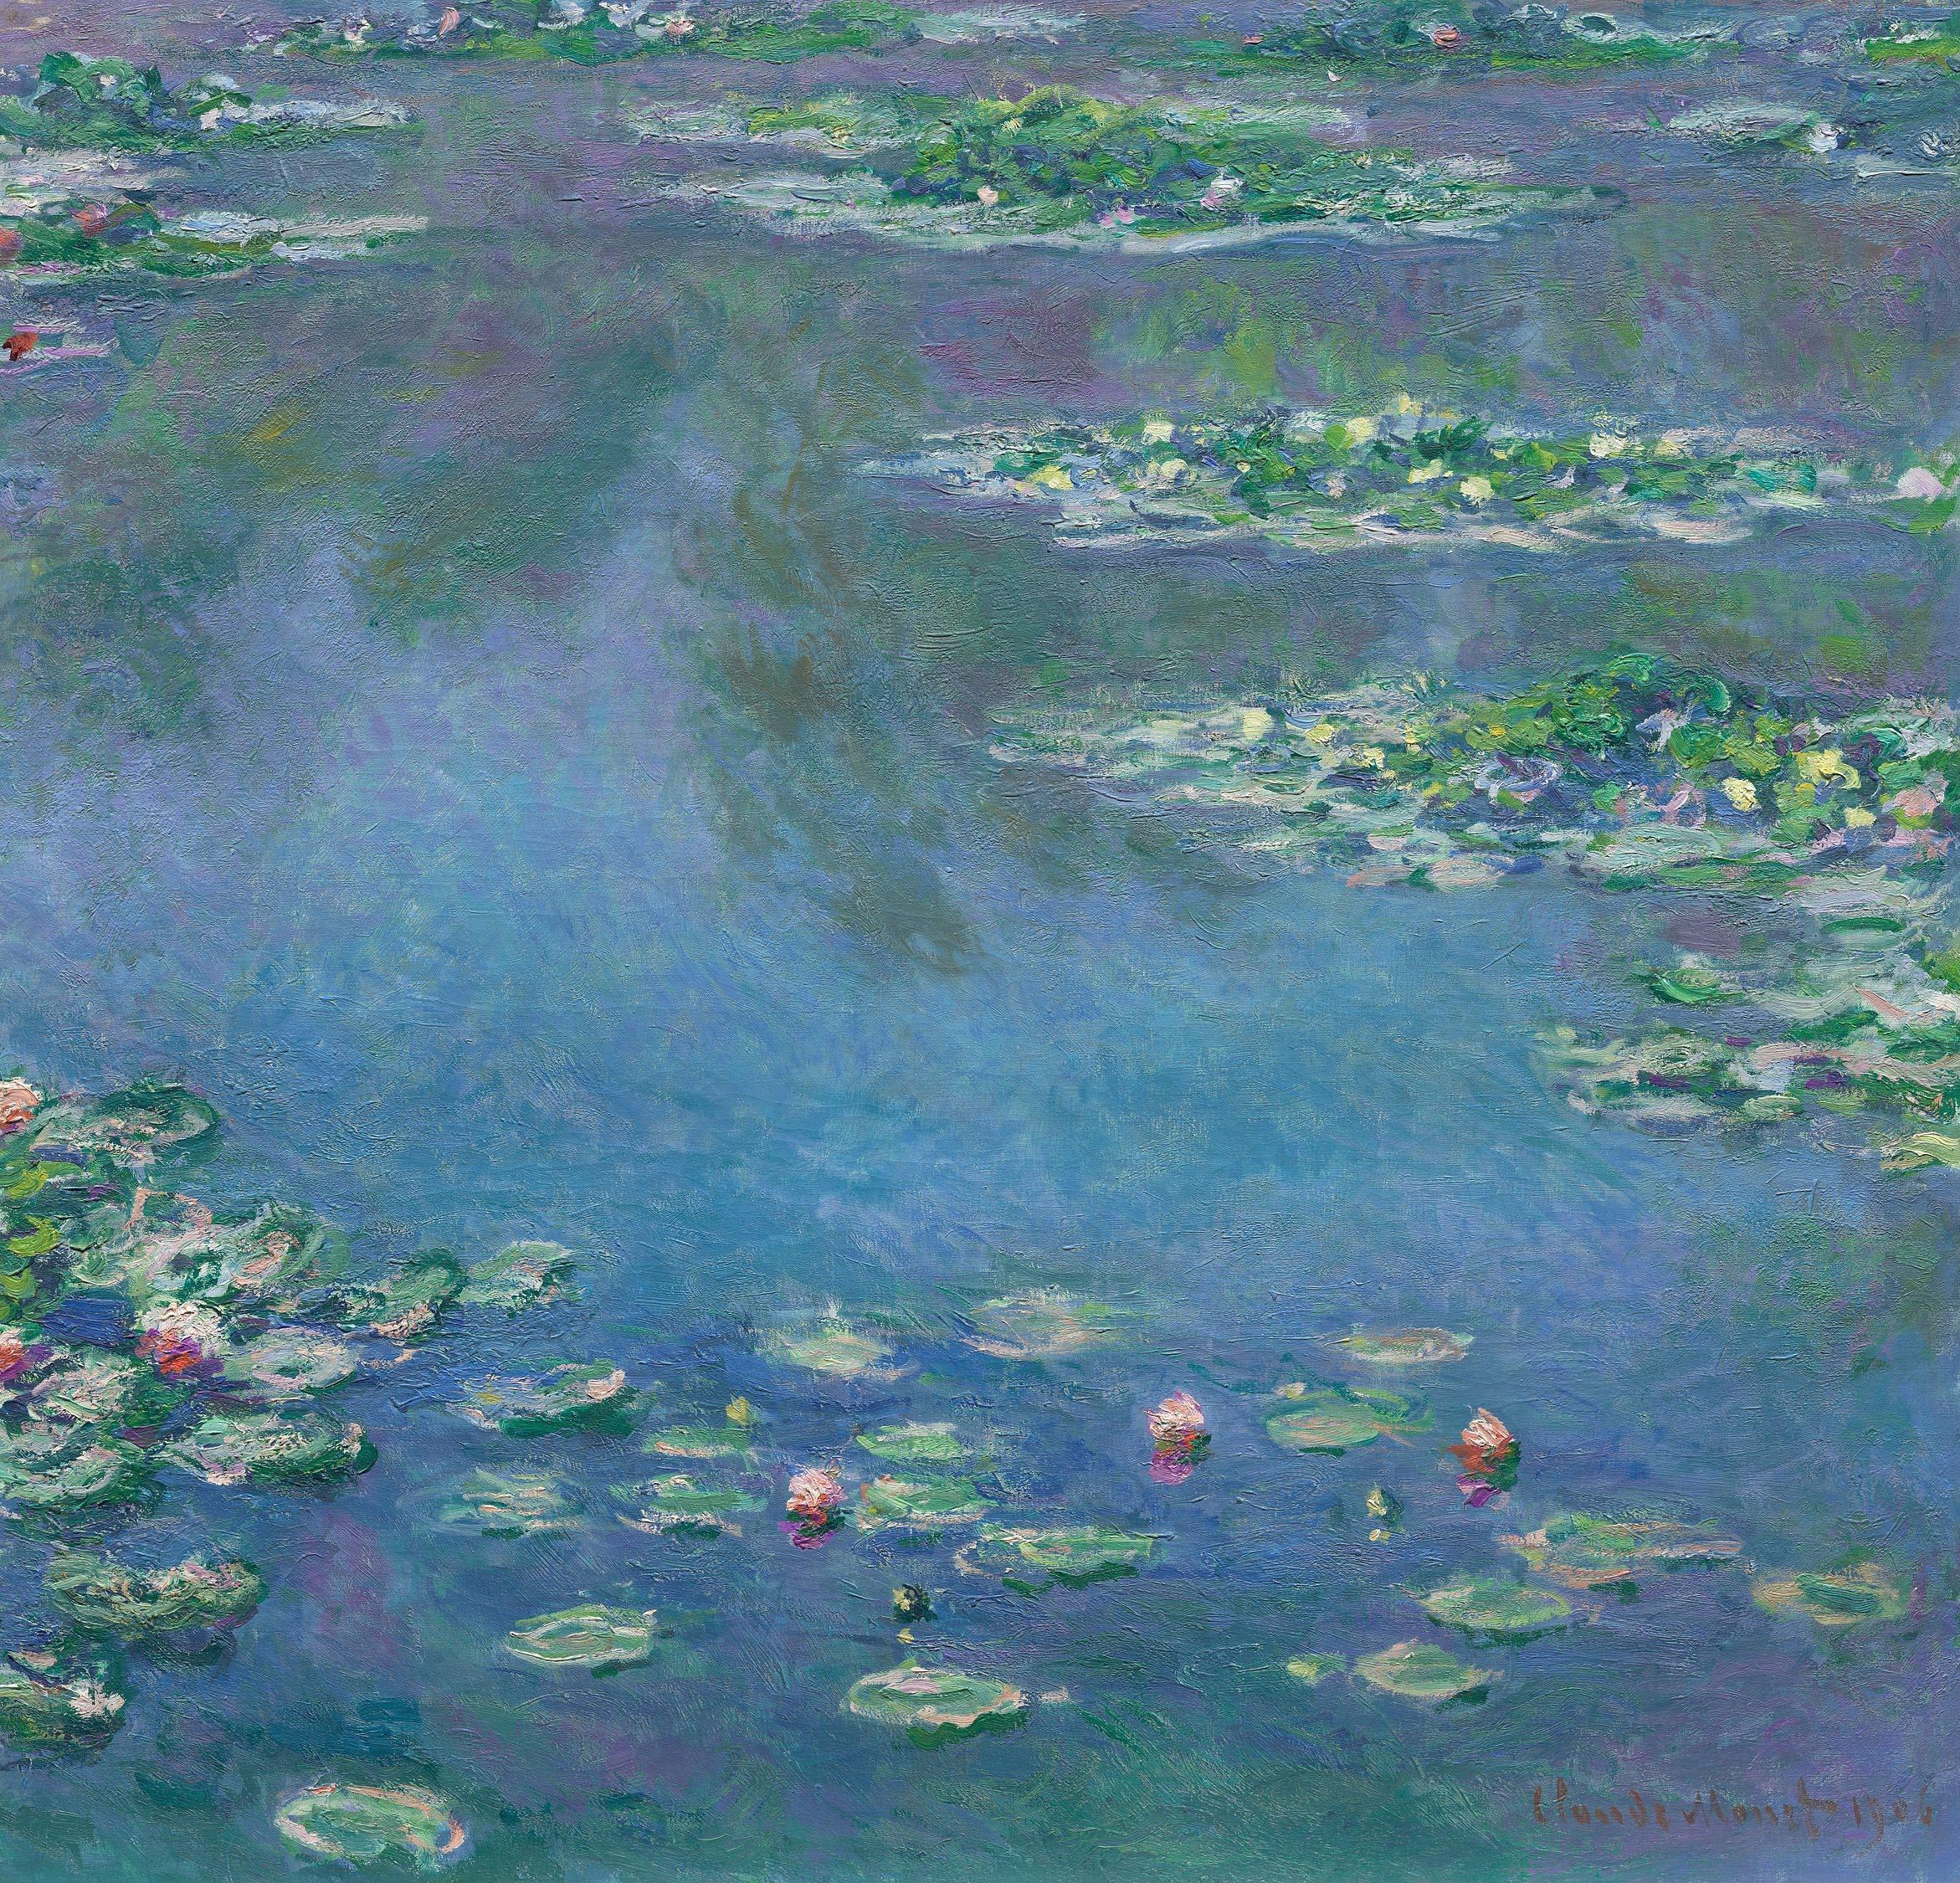 Je veux... - Page 2 Claude_Monet_-_Water_Lilies_-_1906%2C_Ryerson